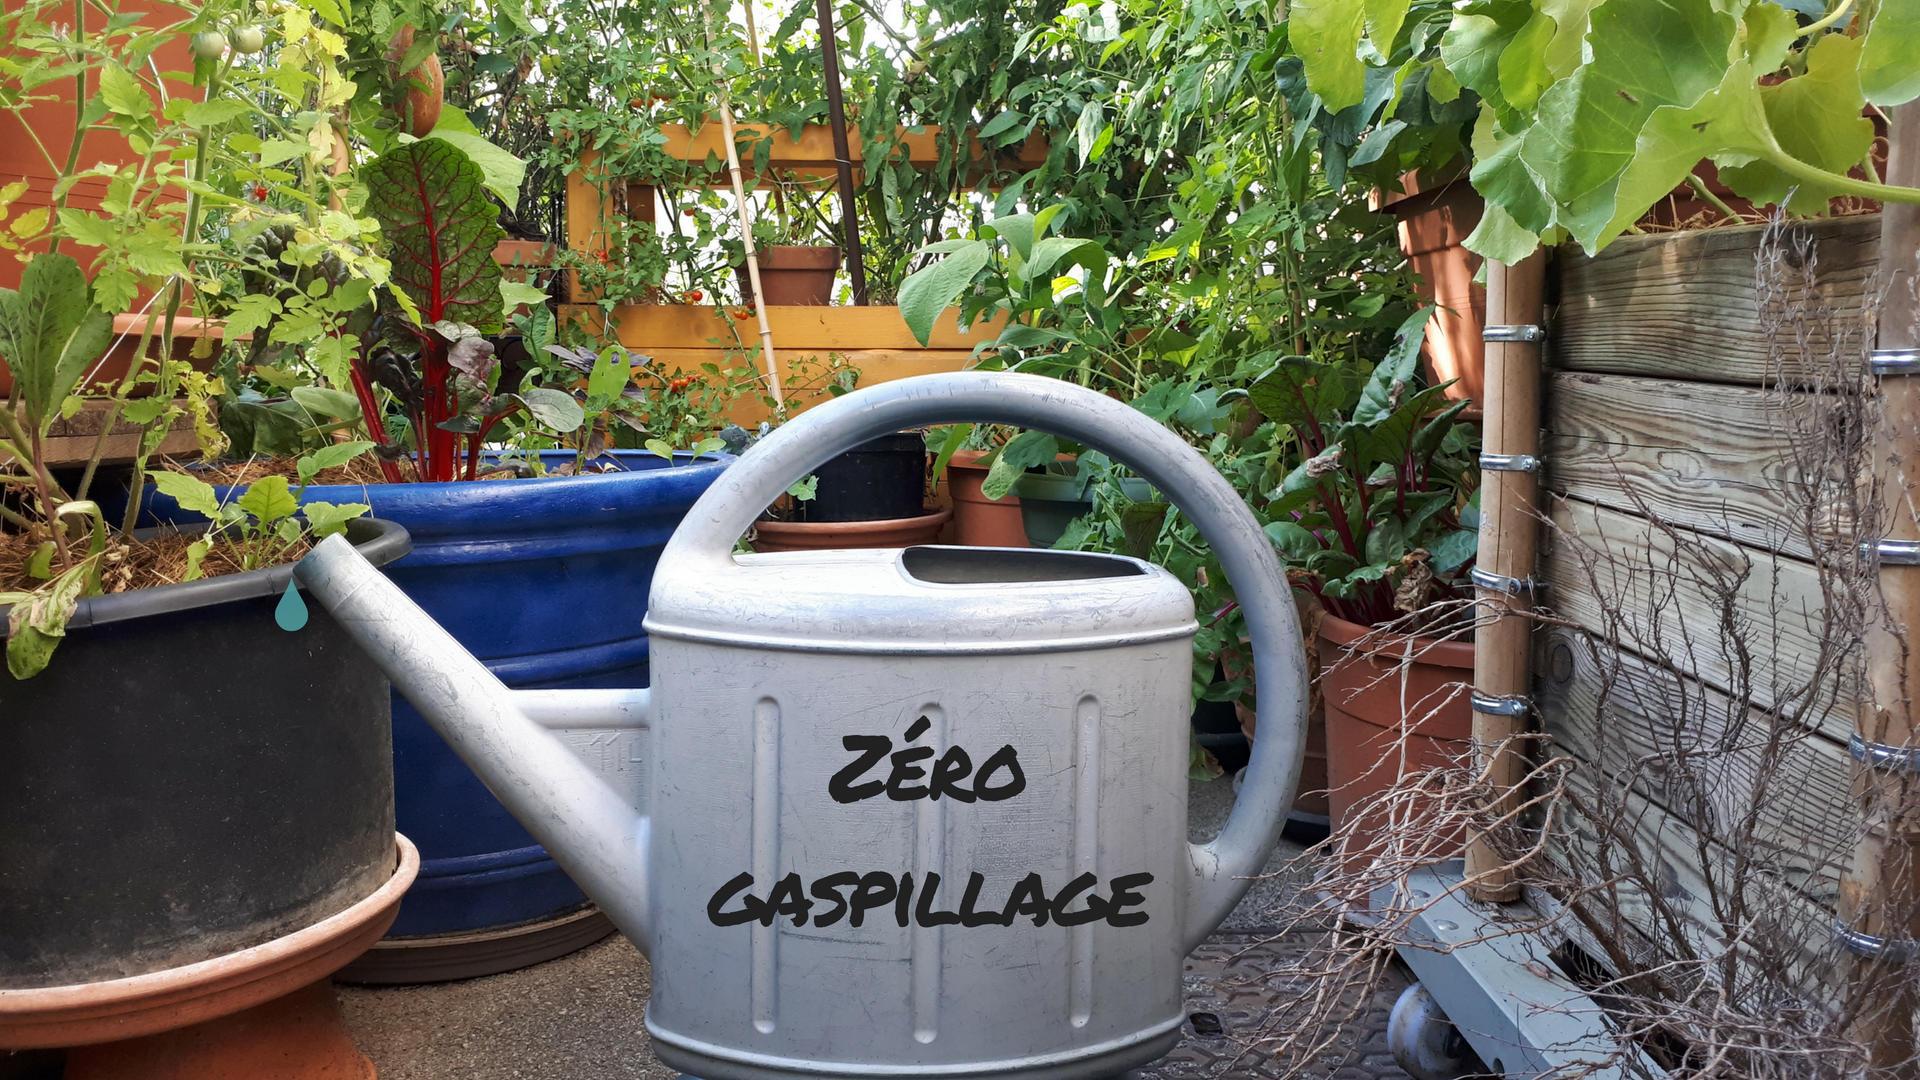 zero-gaspillage-arrosage-permaculture-urbaine